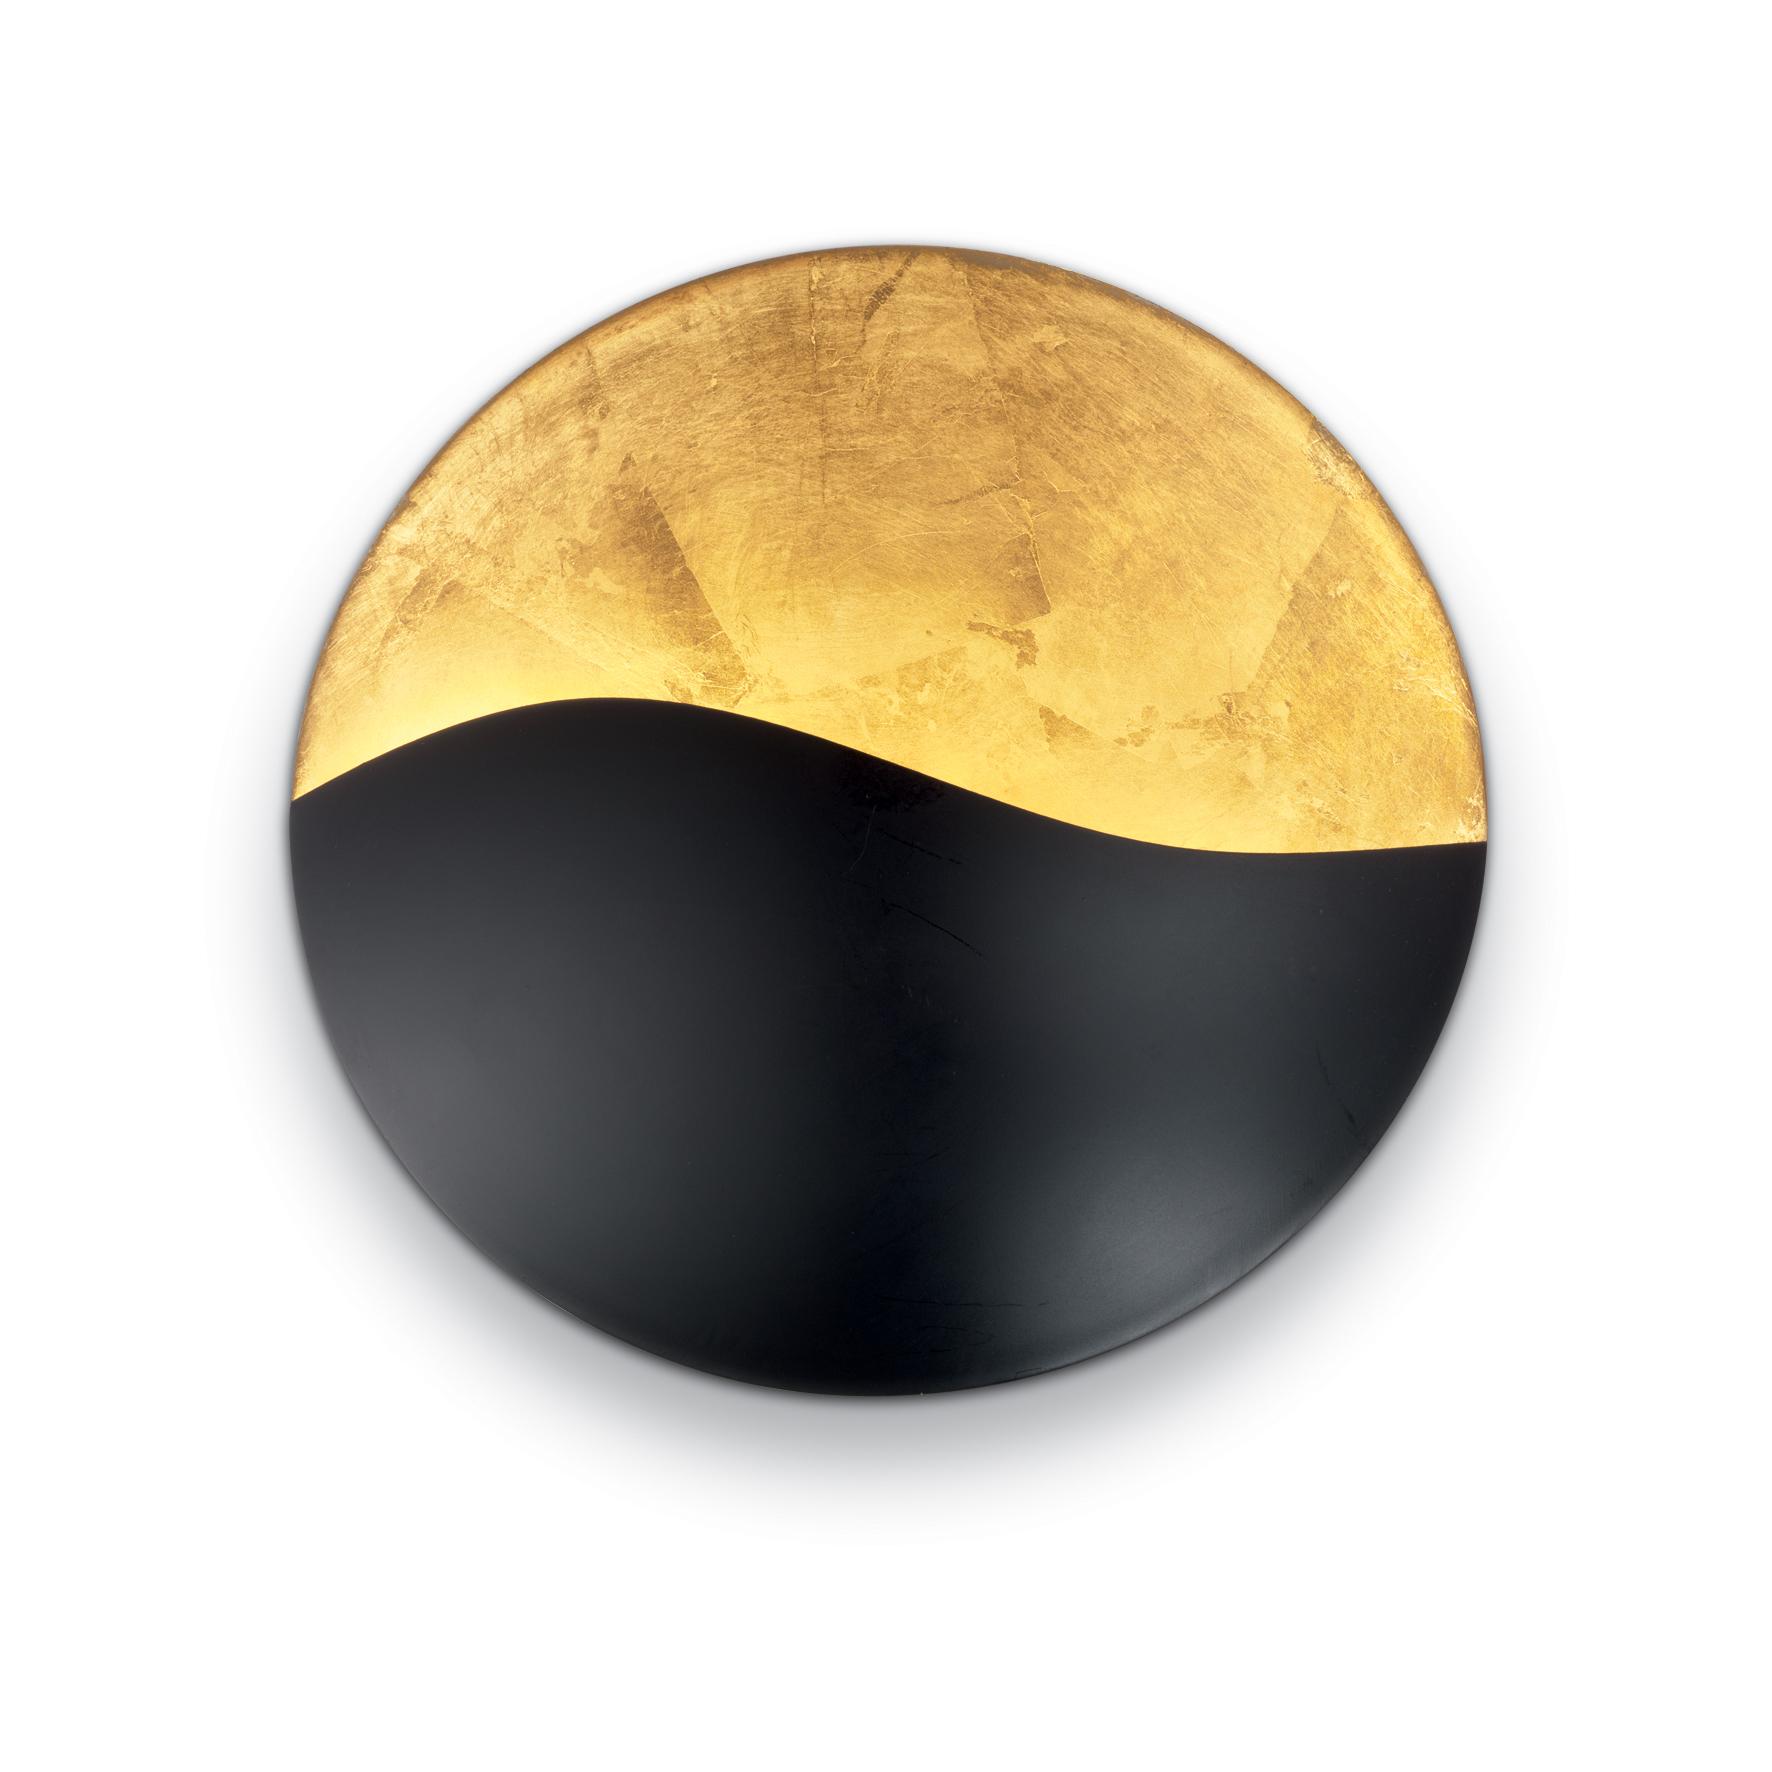 Aplica Sunrise AP4 Black / Gold